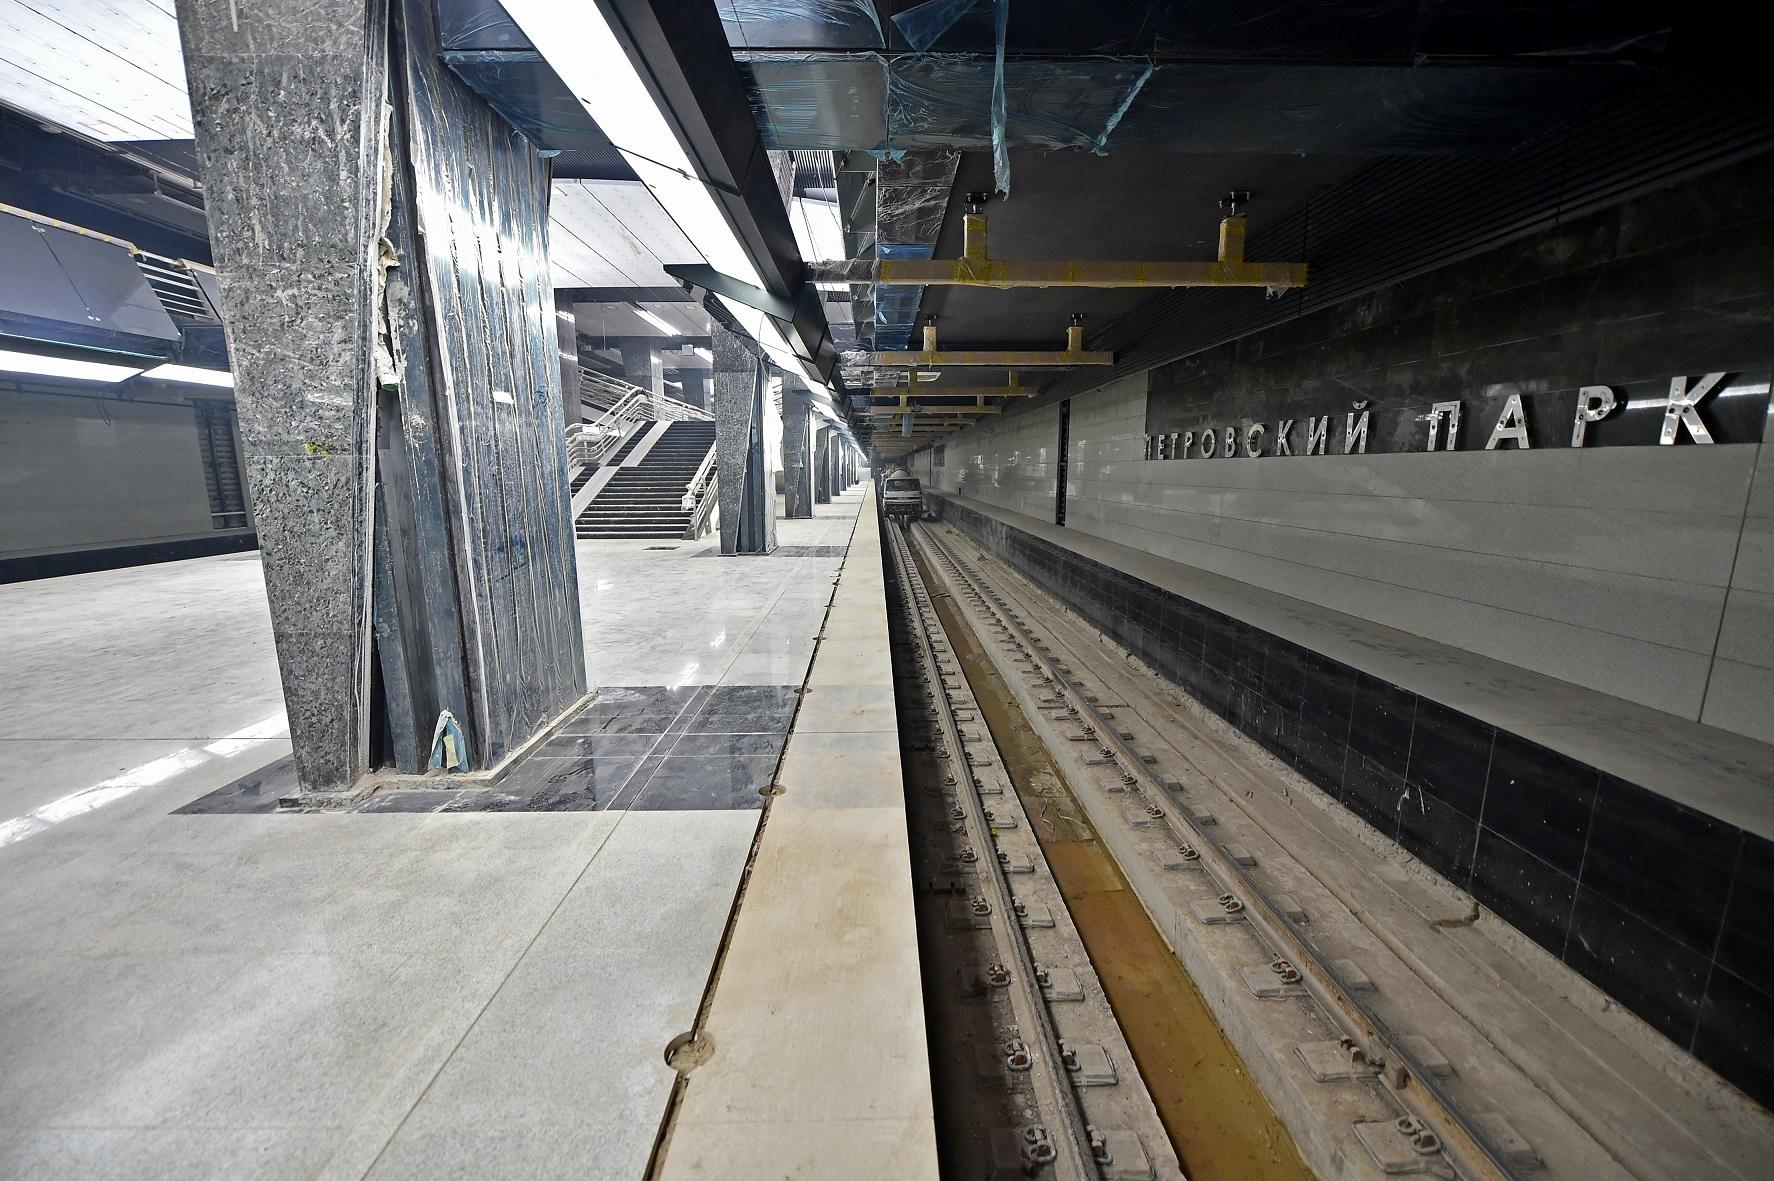 Москвичам провели экскурсию по строящемуся метро